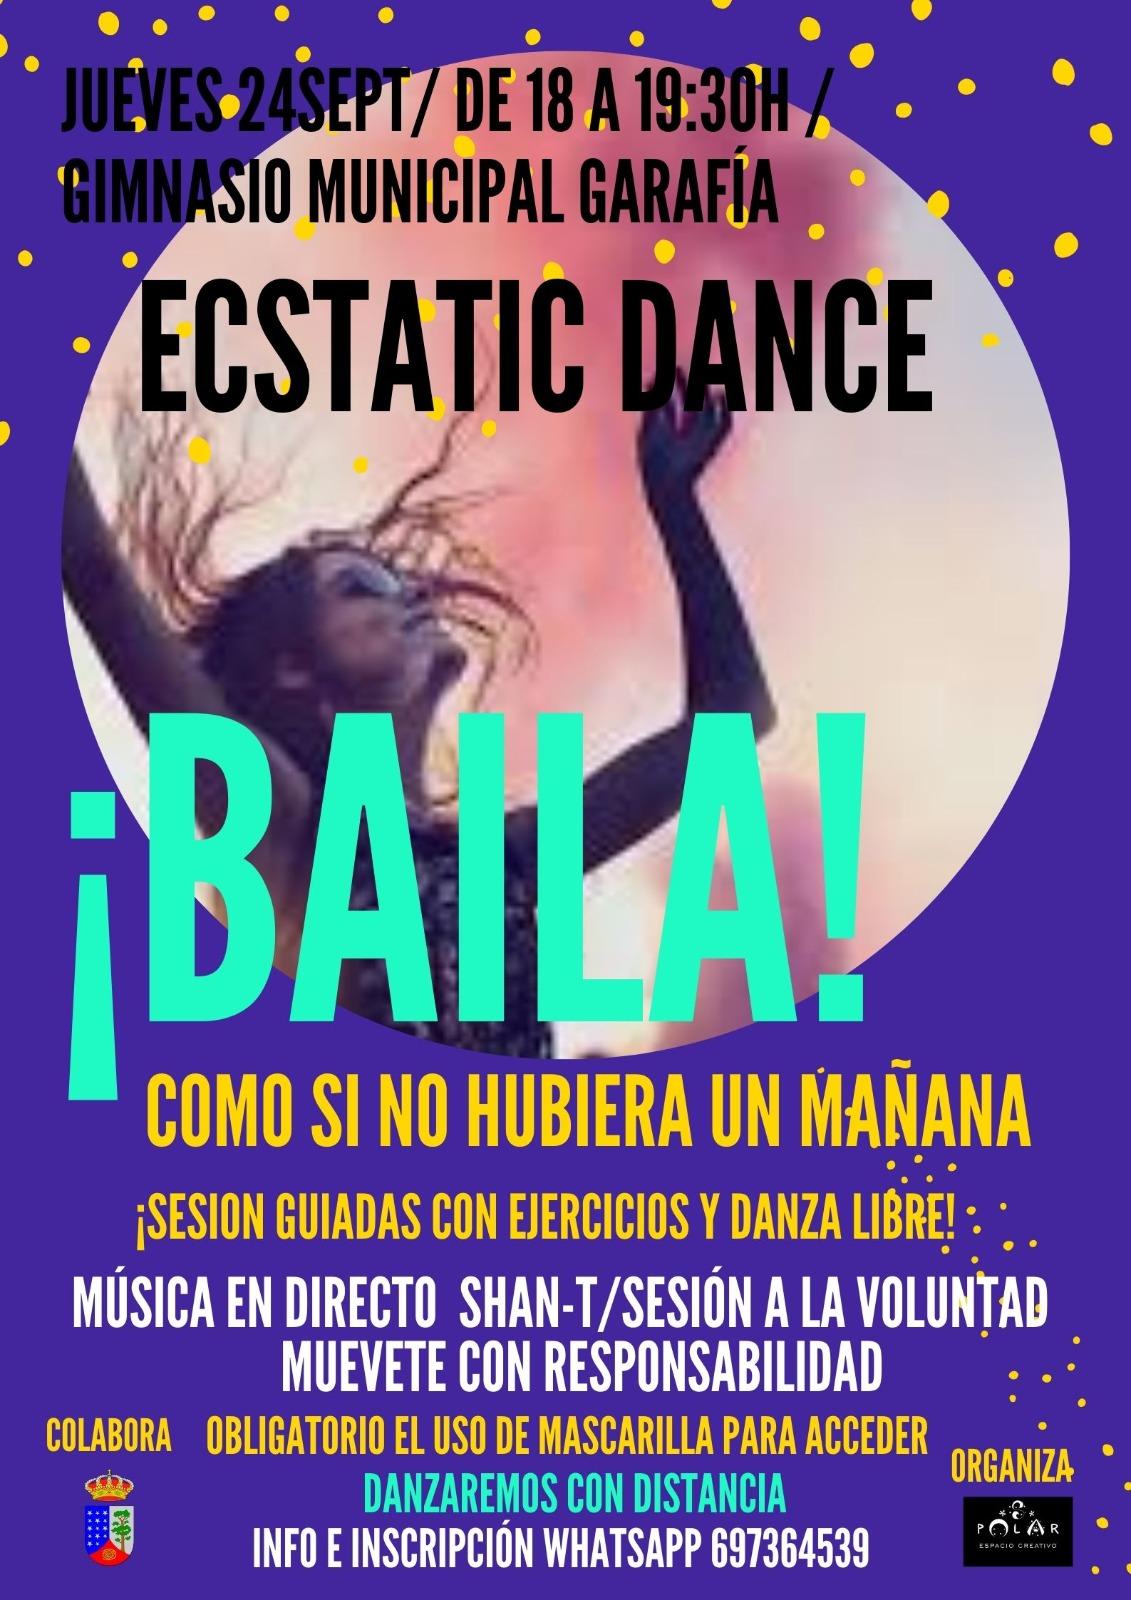 24-09-2020-ecstatic-dance